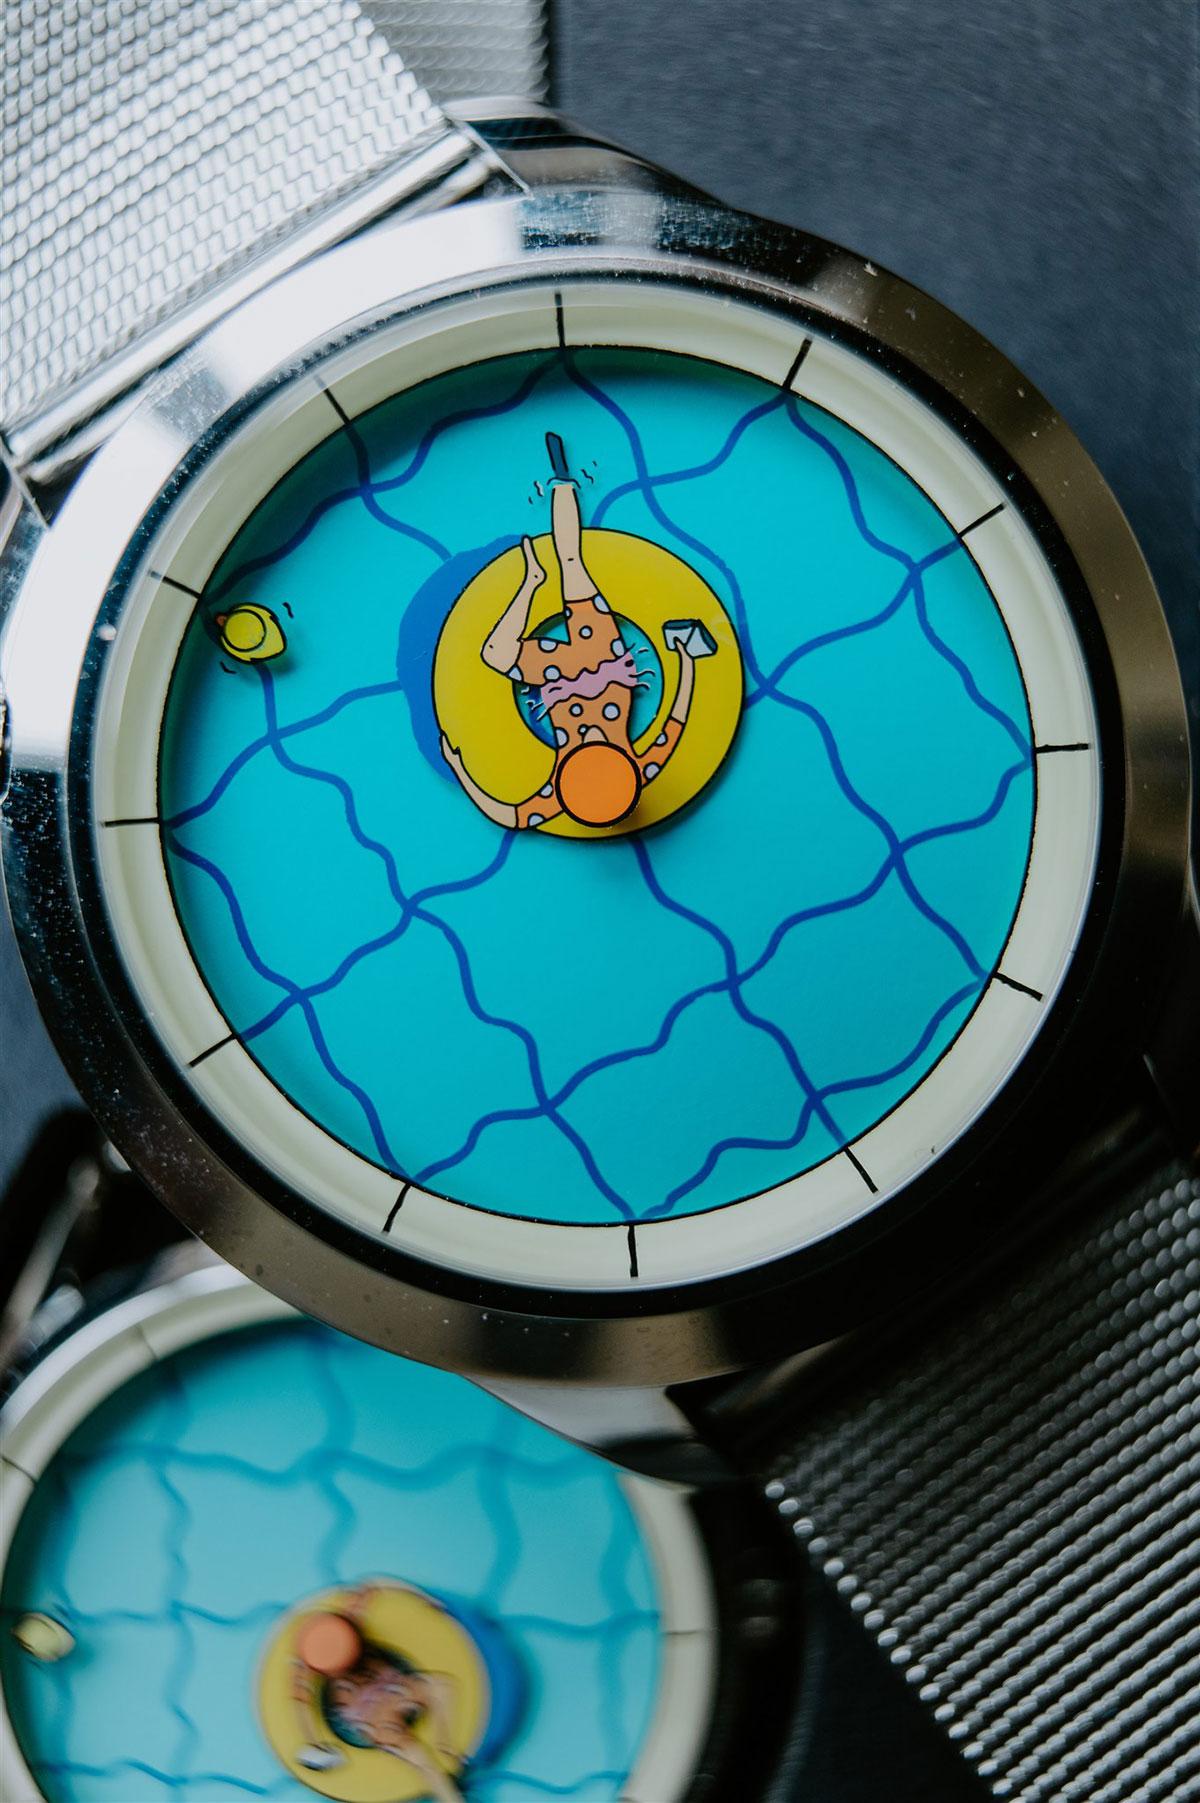 Esfera de Una Tarde Perfectamente Inútil de Mr. Jones Watches